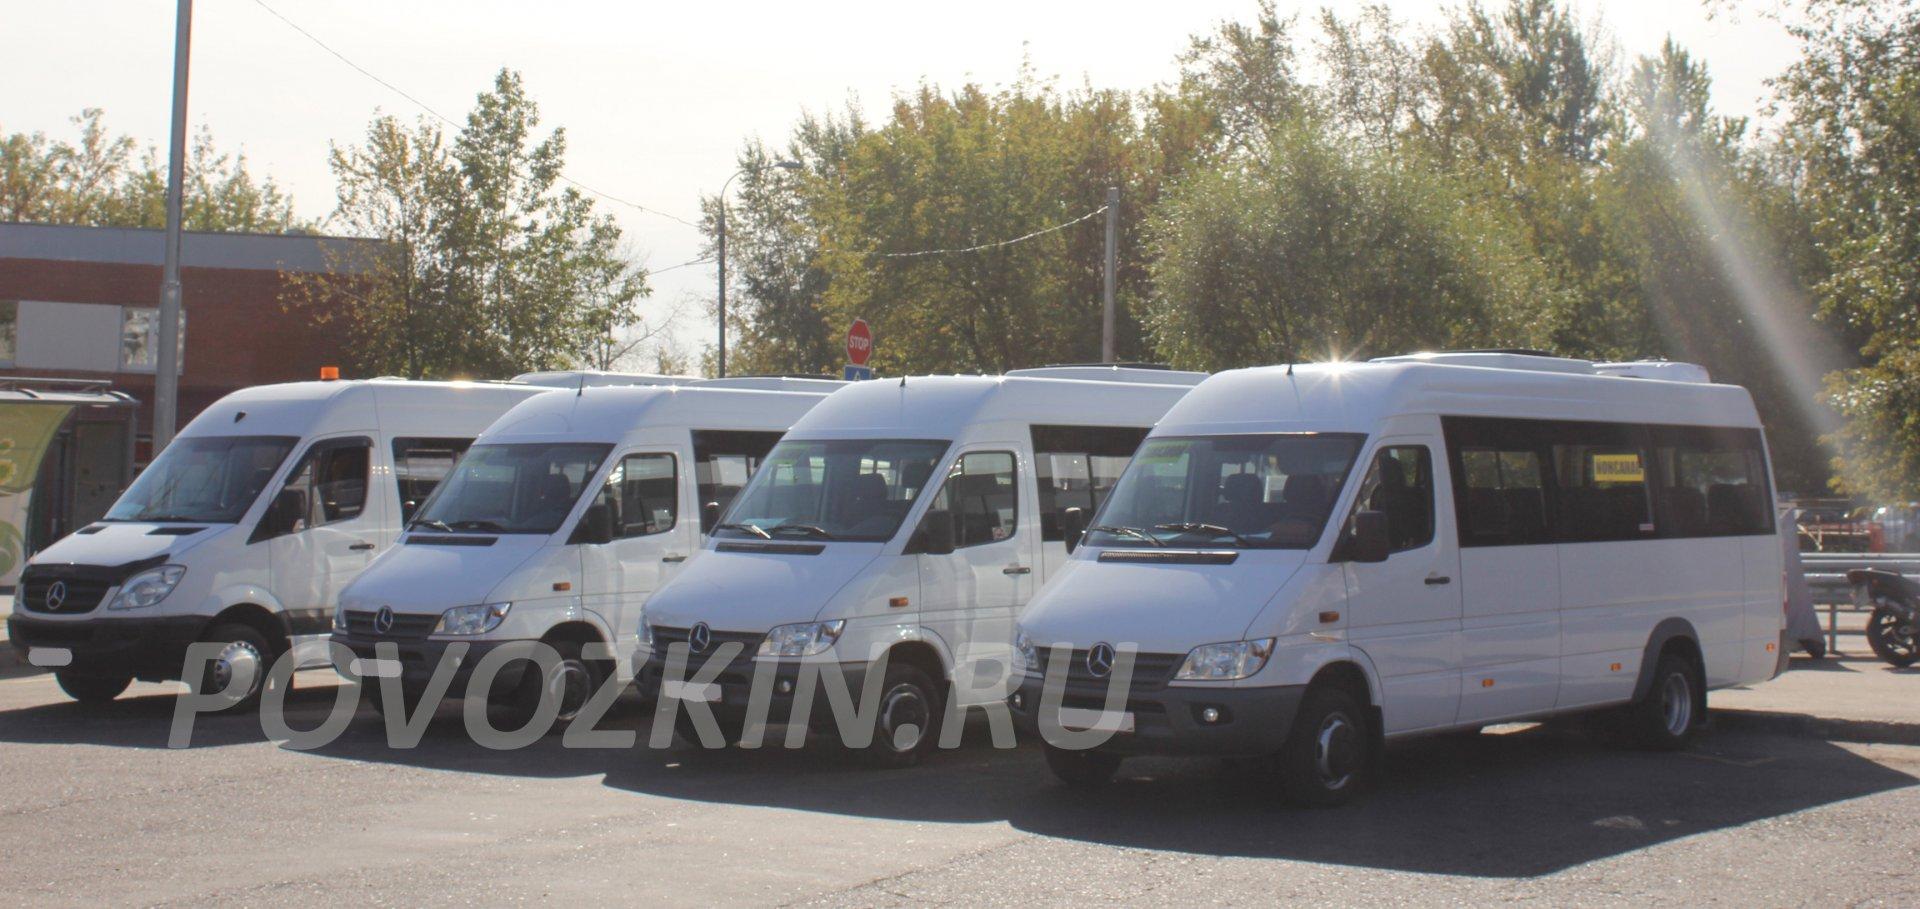 Микроавтобуса час аренда стоимость в часов стоимость механизма